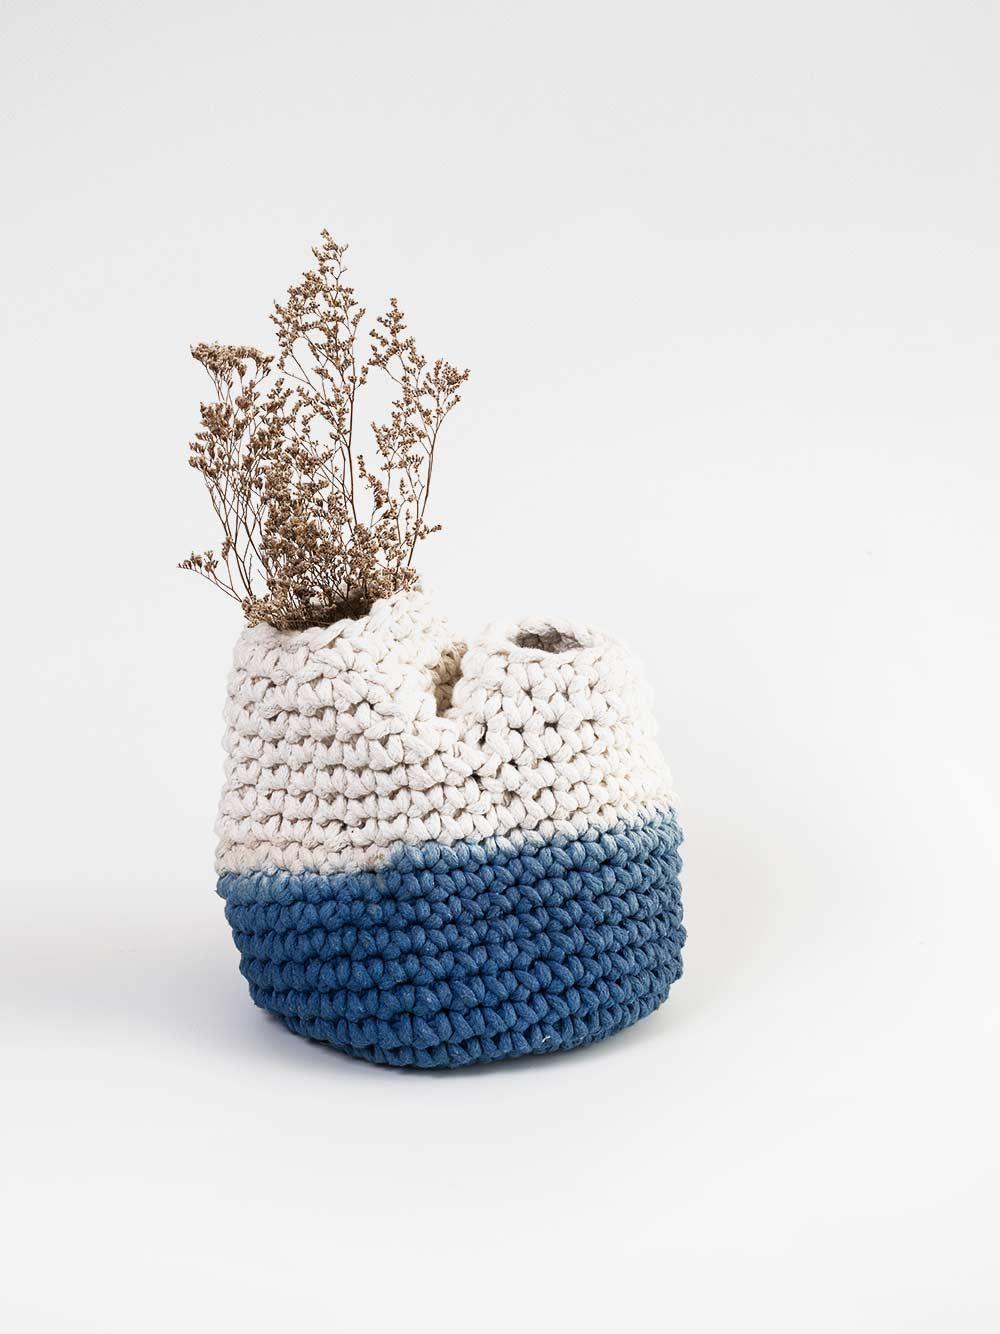 vaso calor duas bocas azul feito em crochê com resíduos texteis à mão